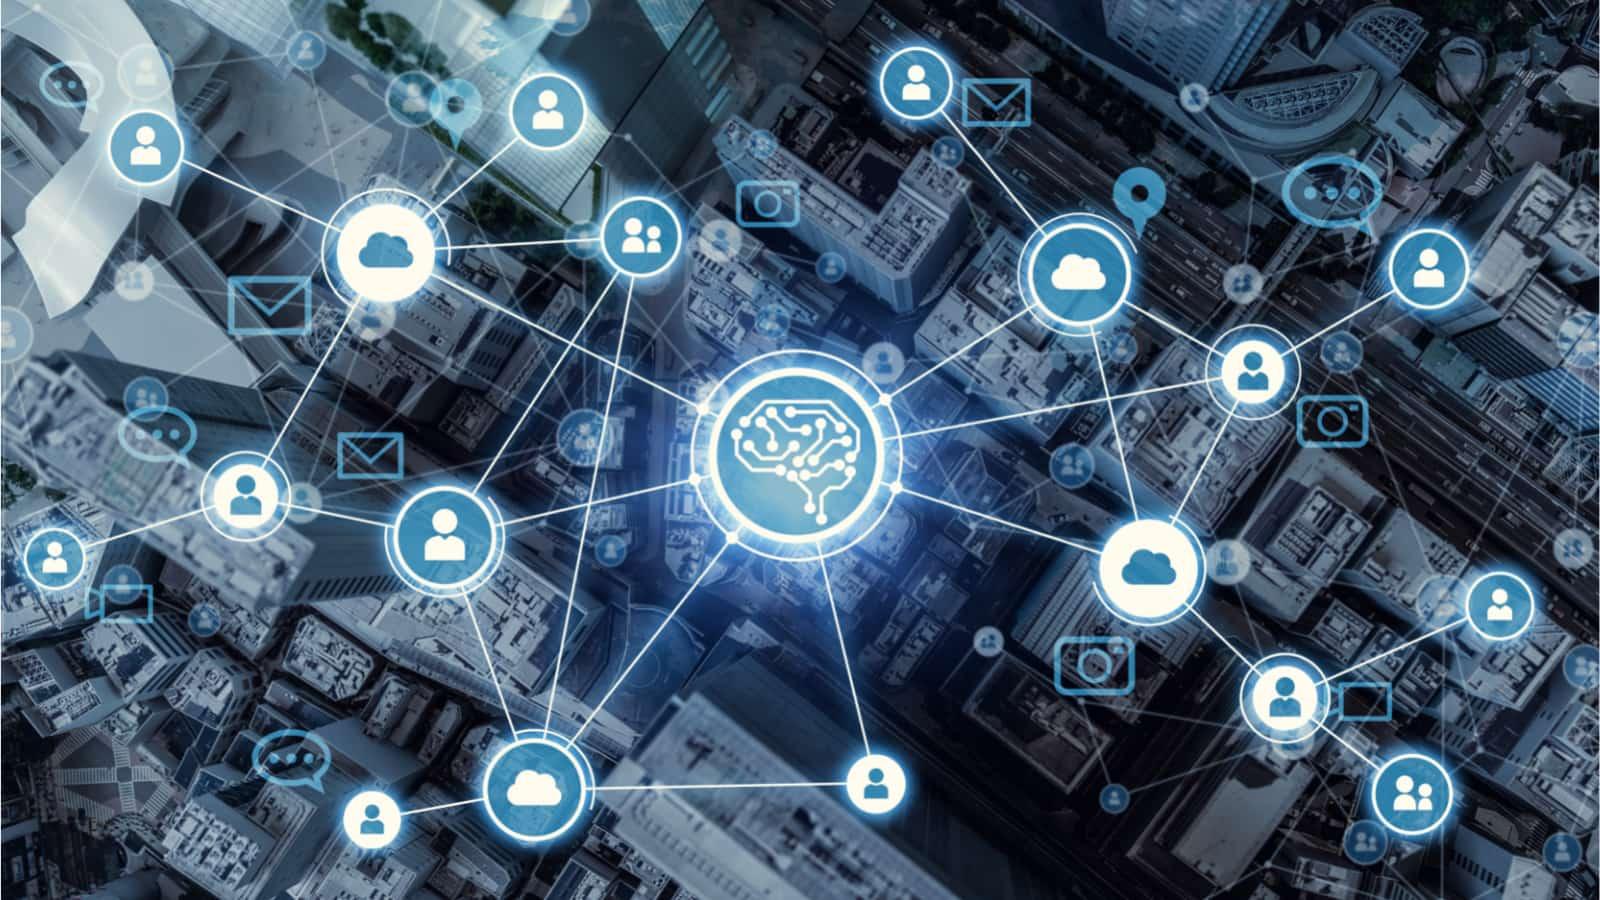 Inteligencia artificial en medicina: ¿qué ventajas y retos supone?